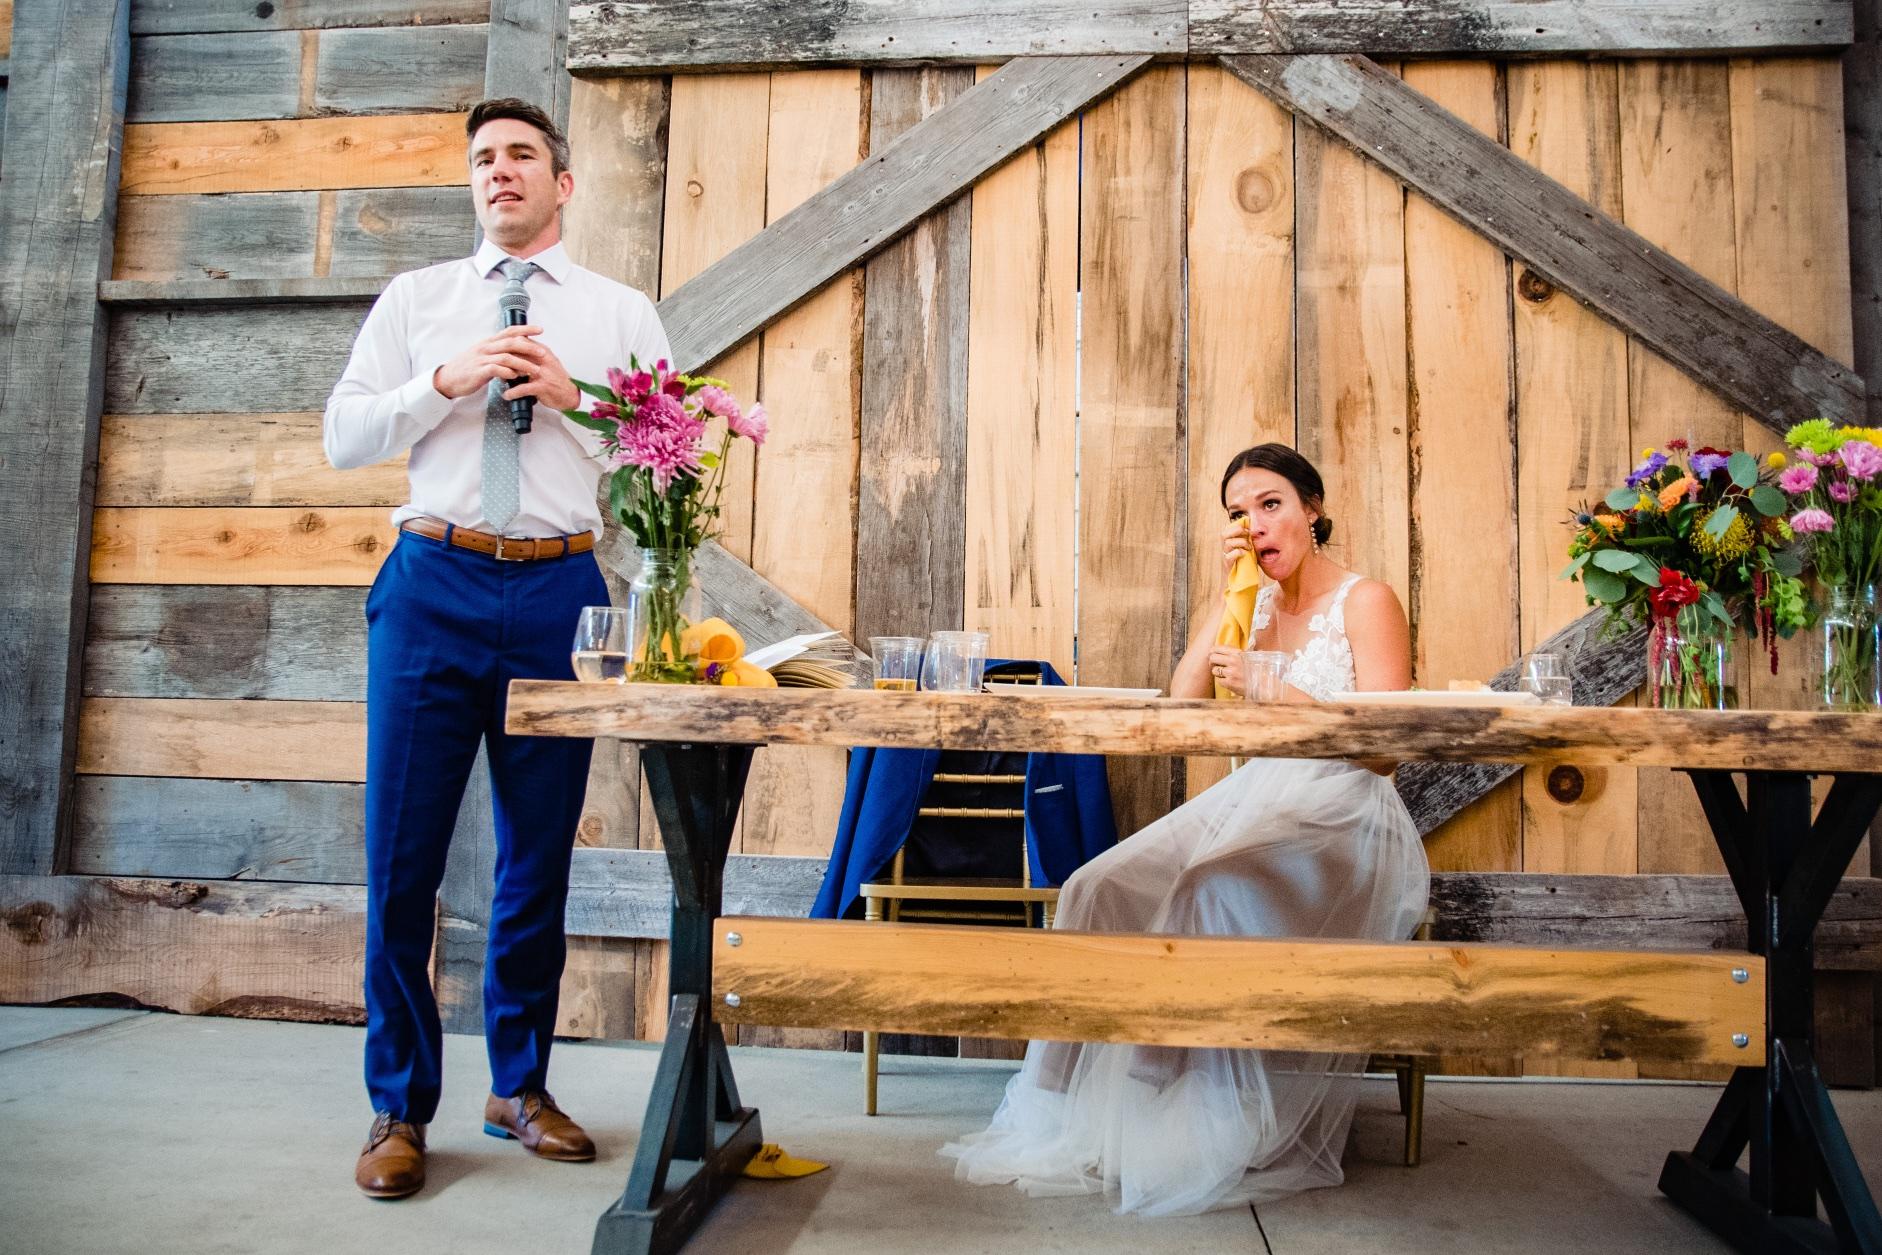 lindseyjane_weddings0109.jpg